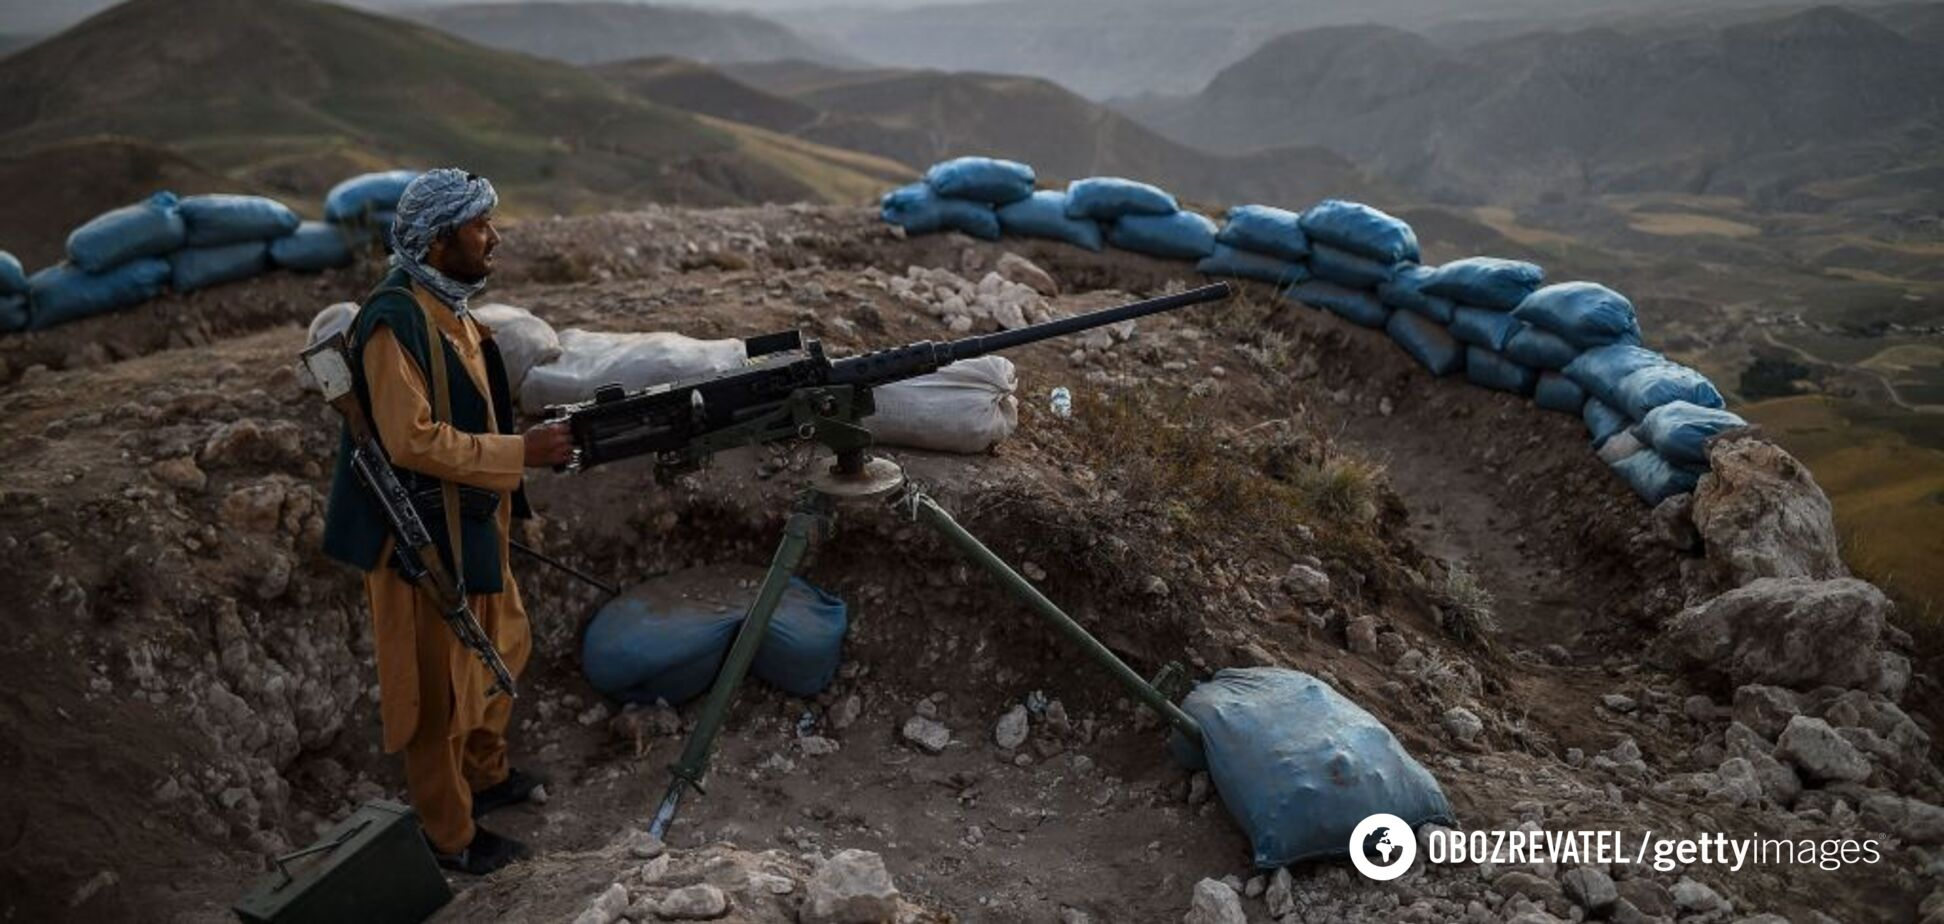 Бої за Панджшер: таліби заявили про захоплення провінції, сили опору зазнали великих втрат